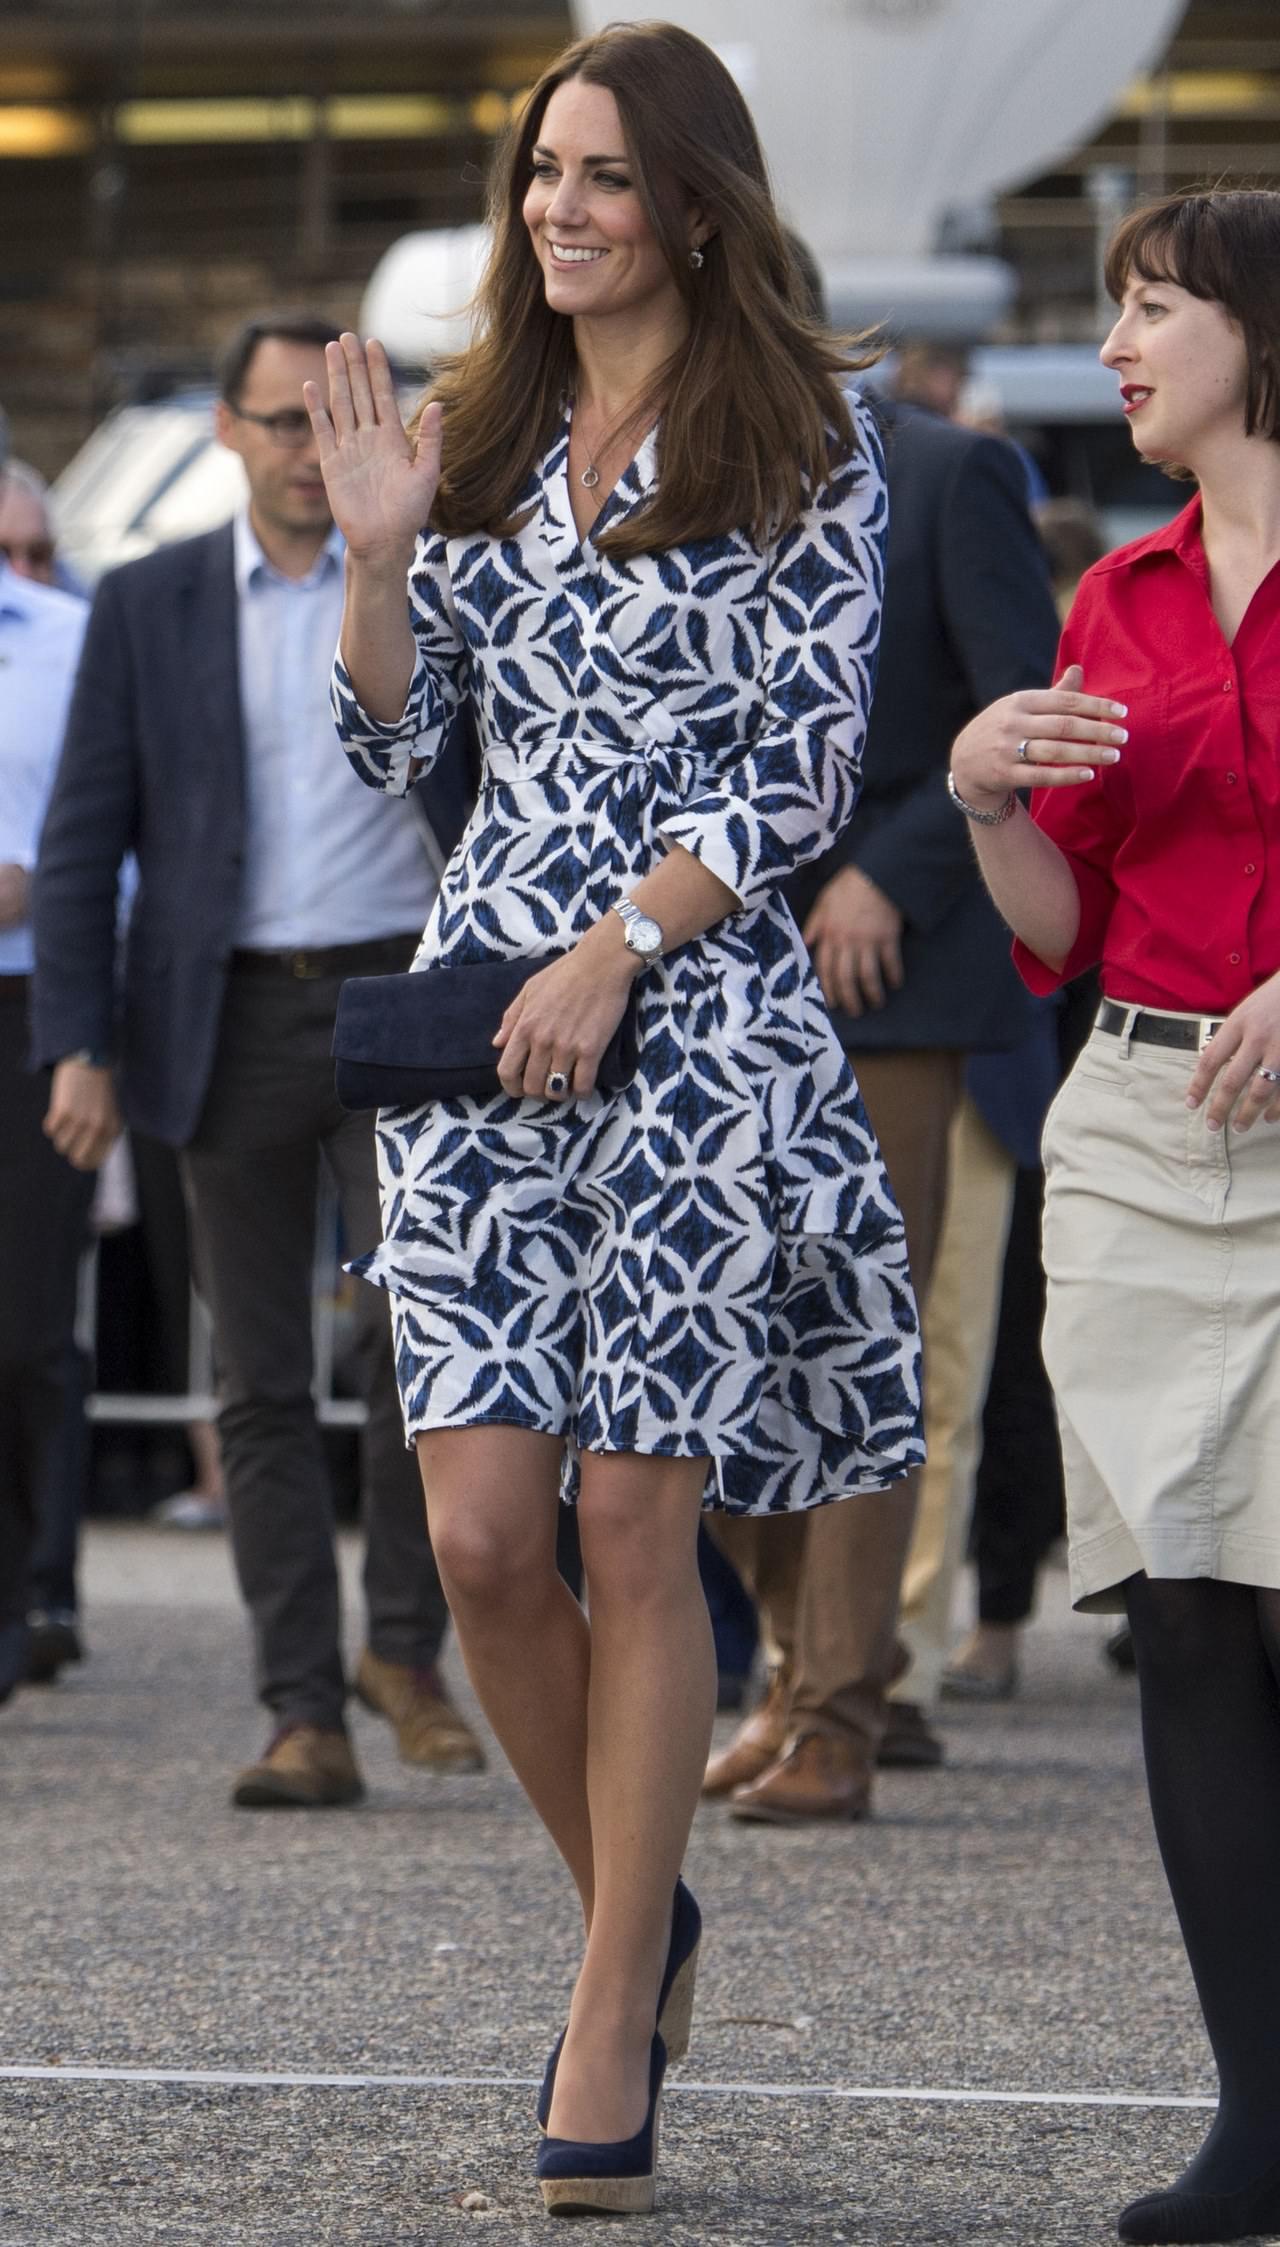 凱特王妃愛牌-Diane von Furstenberg (DVF) ,讓女人一秒卸下偽裝,露出性感的wrap dress